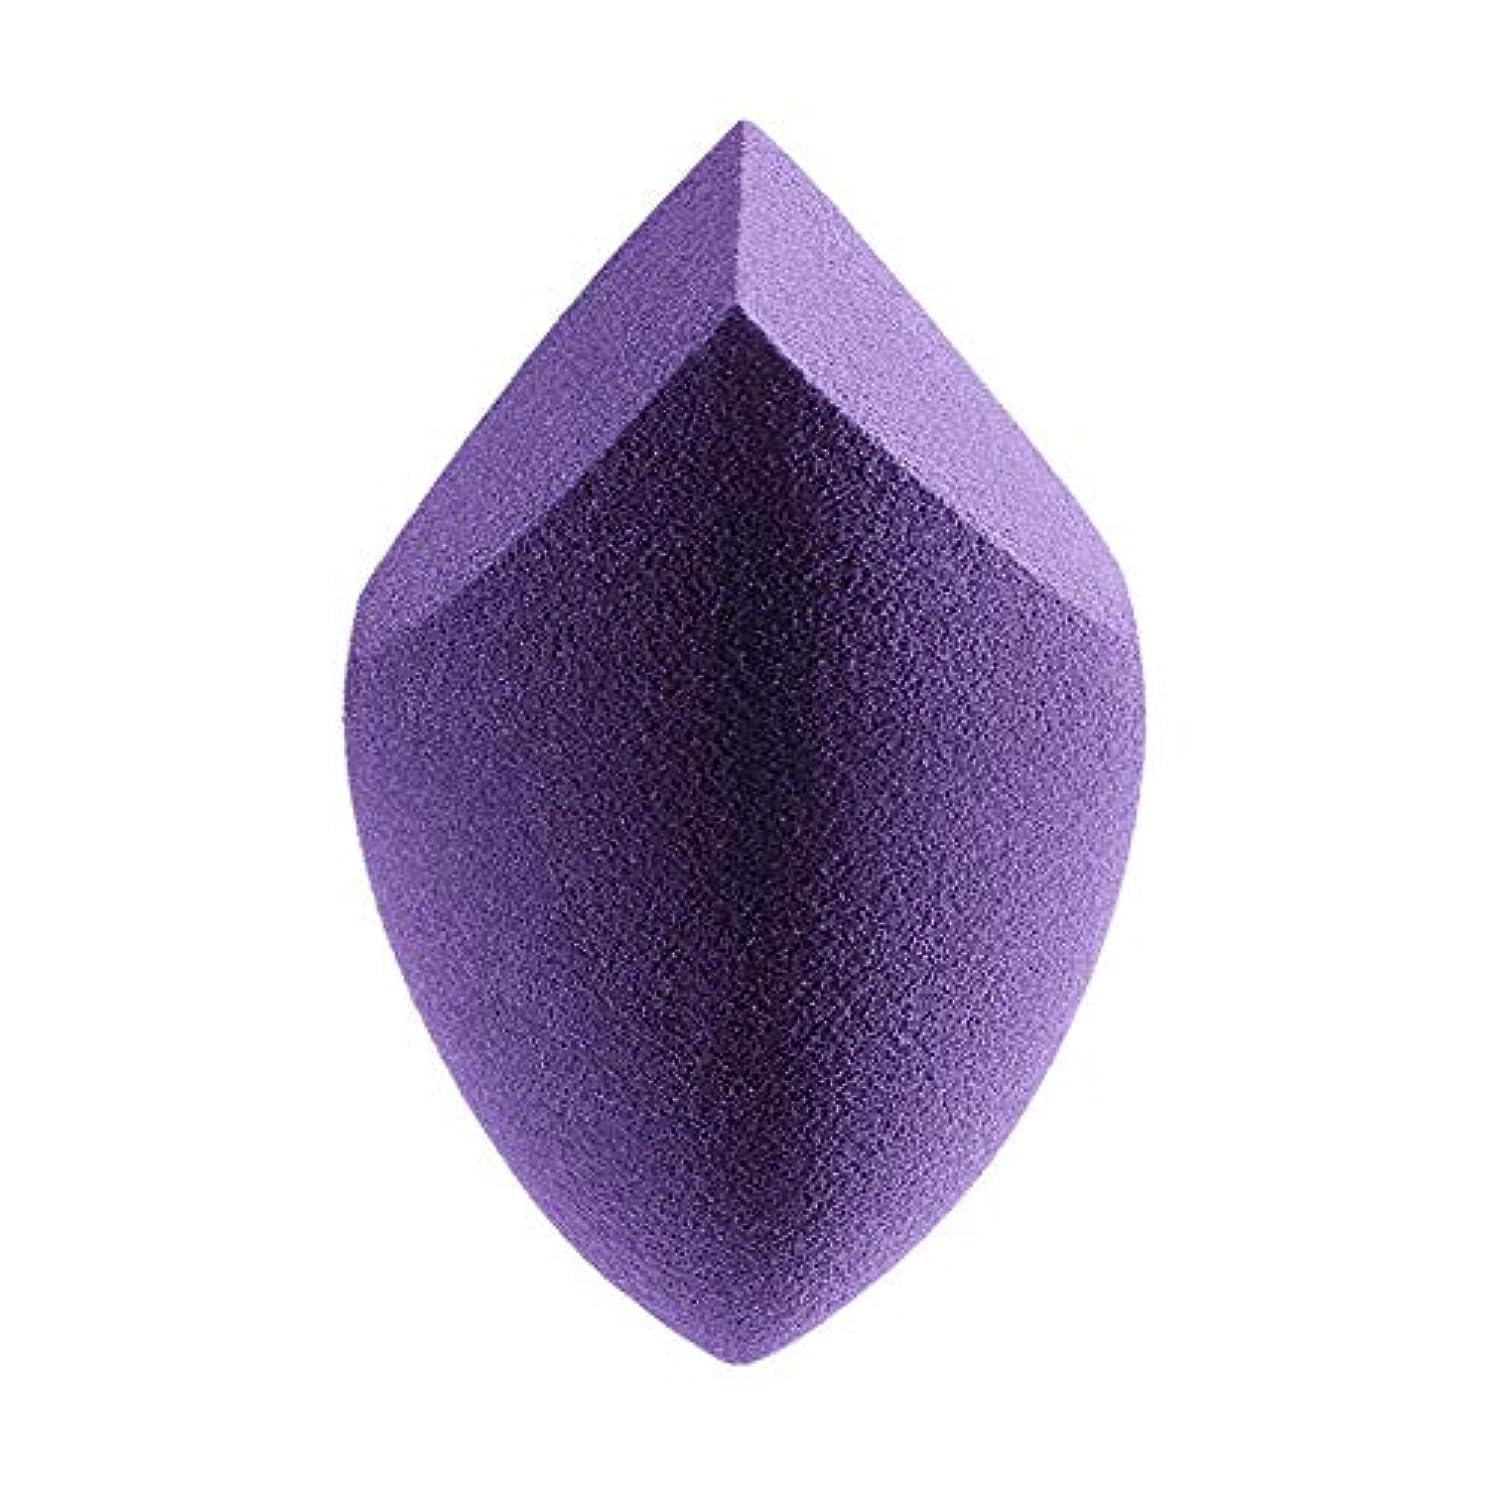 ドール噴水悩むBrill(ブリーオ) メイクアップスポンジ ふわふわ 化粧品パフ ファンデーション メイクアップ 吸水パウダーパフ 初心者 美容院 化粧道具